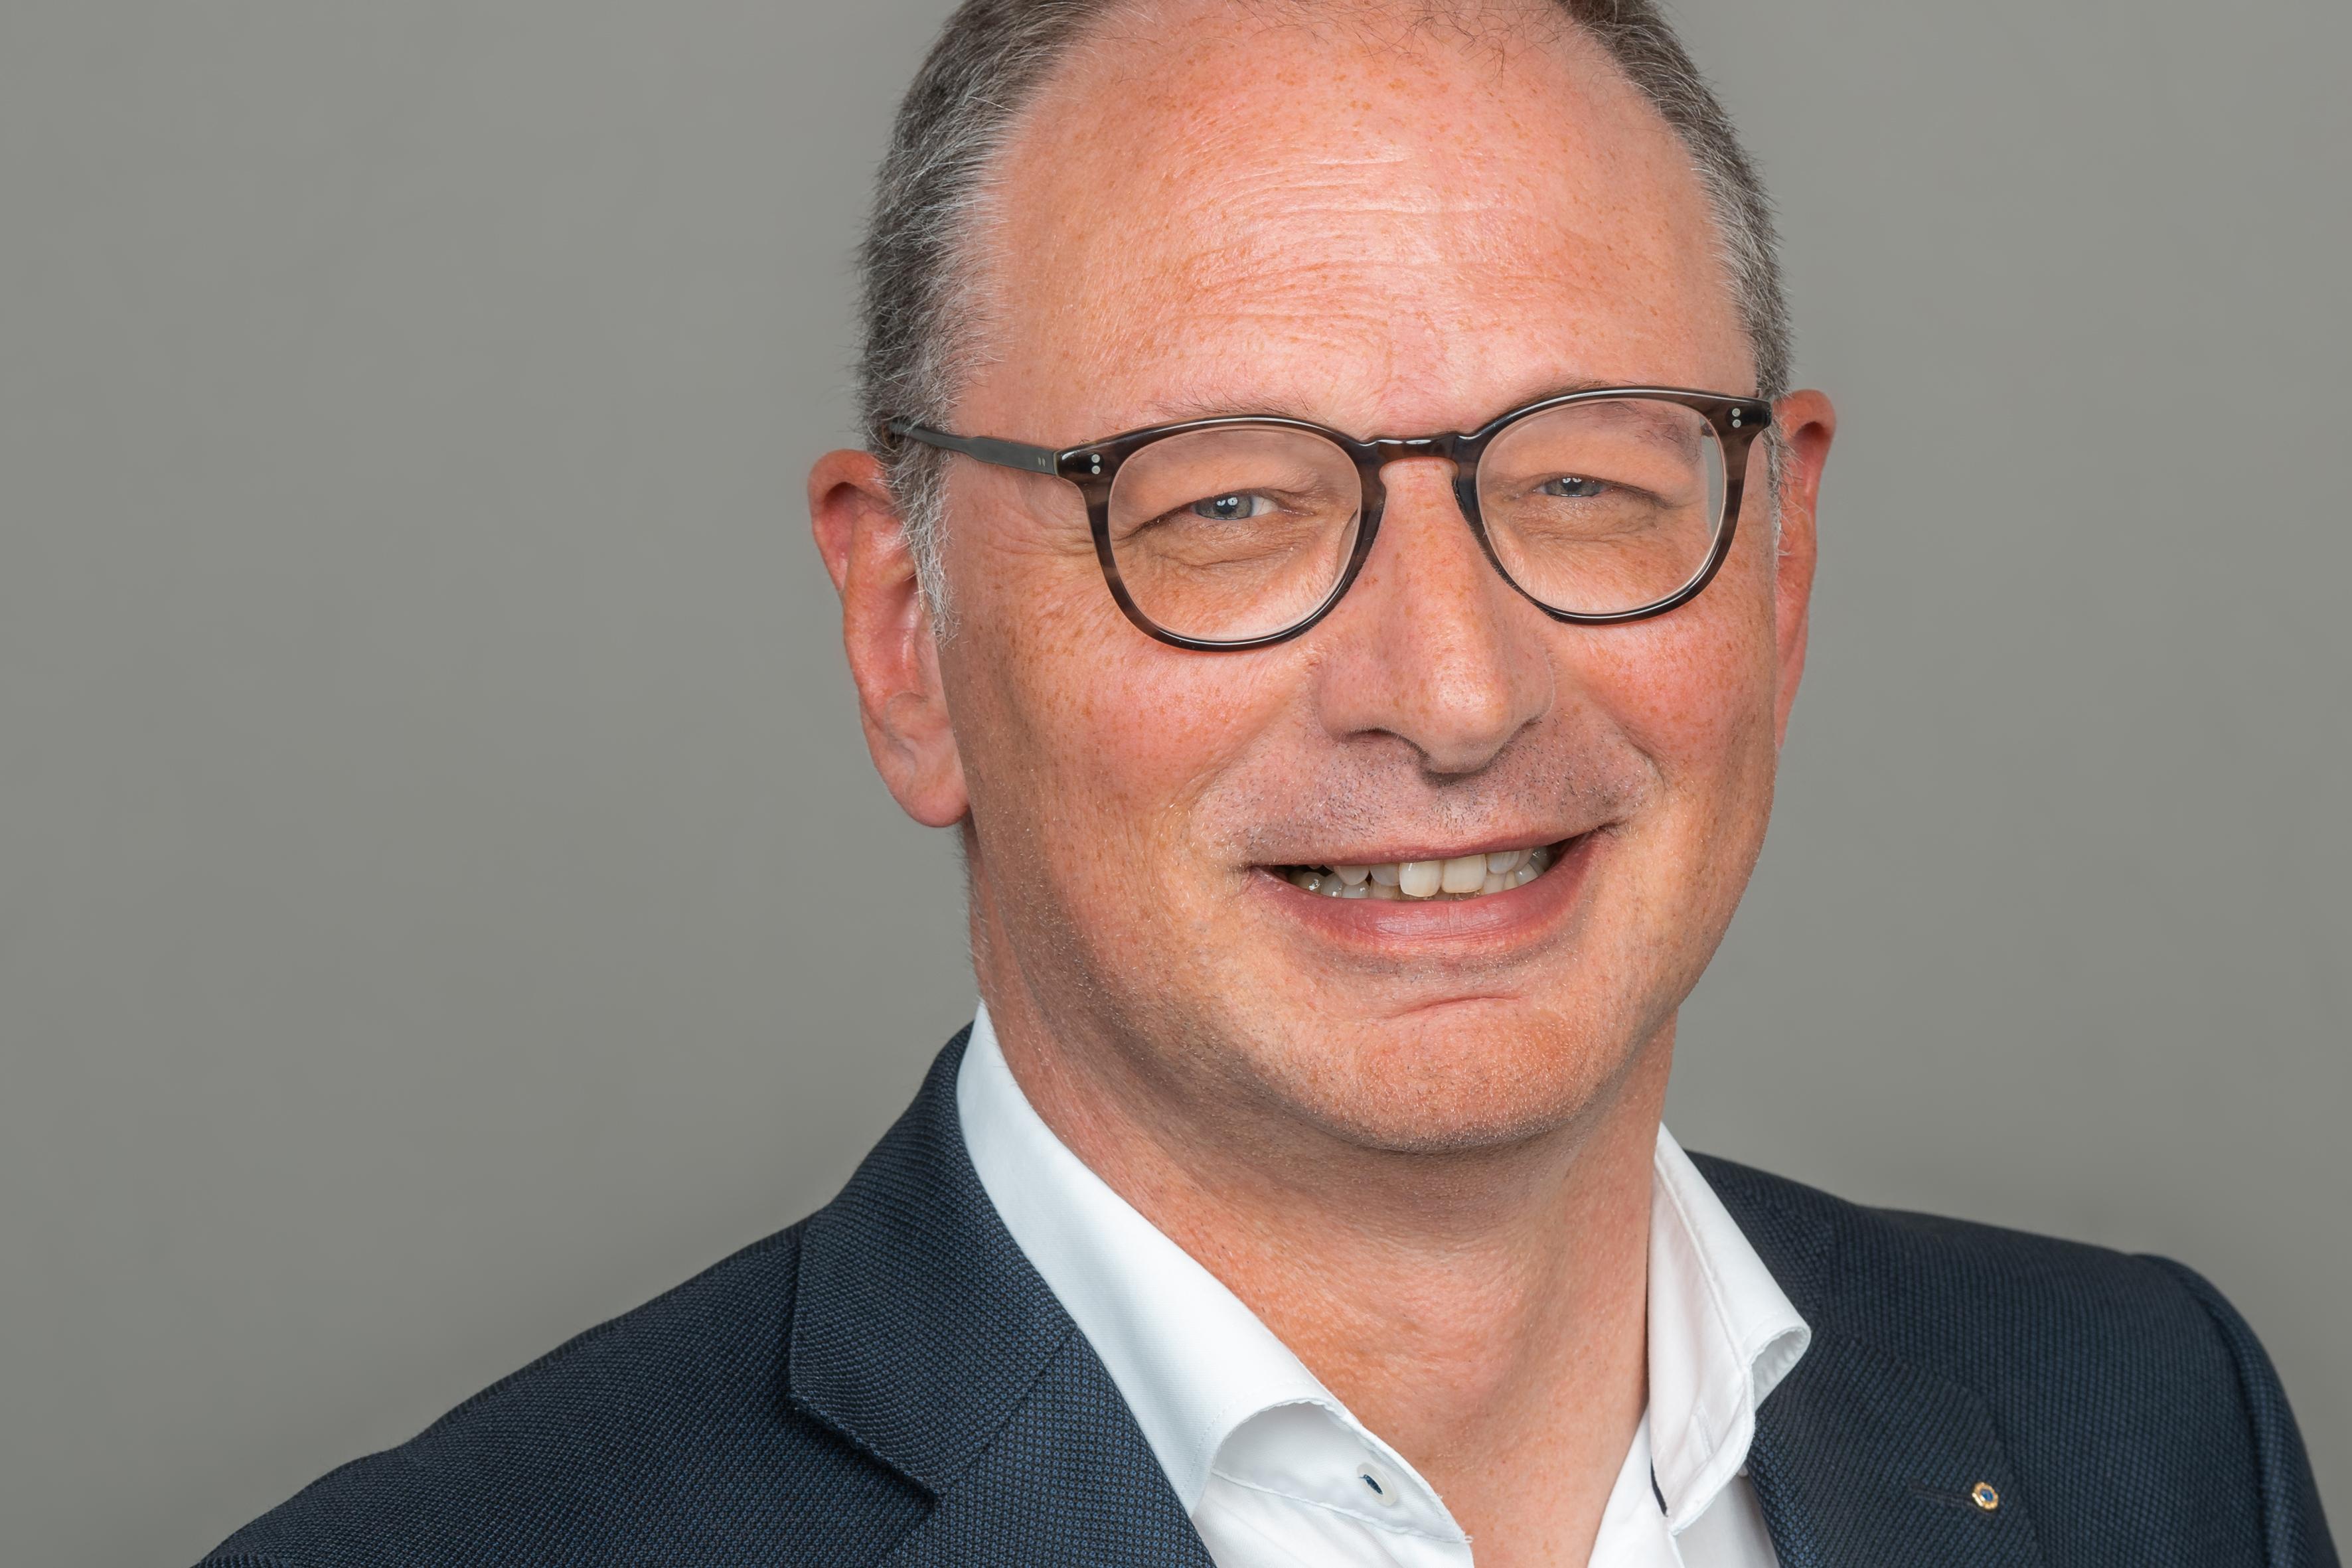 Thorsten Janßen